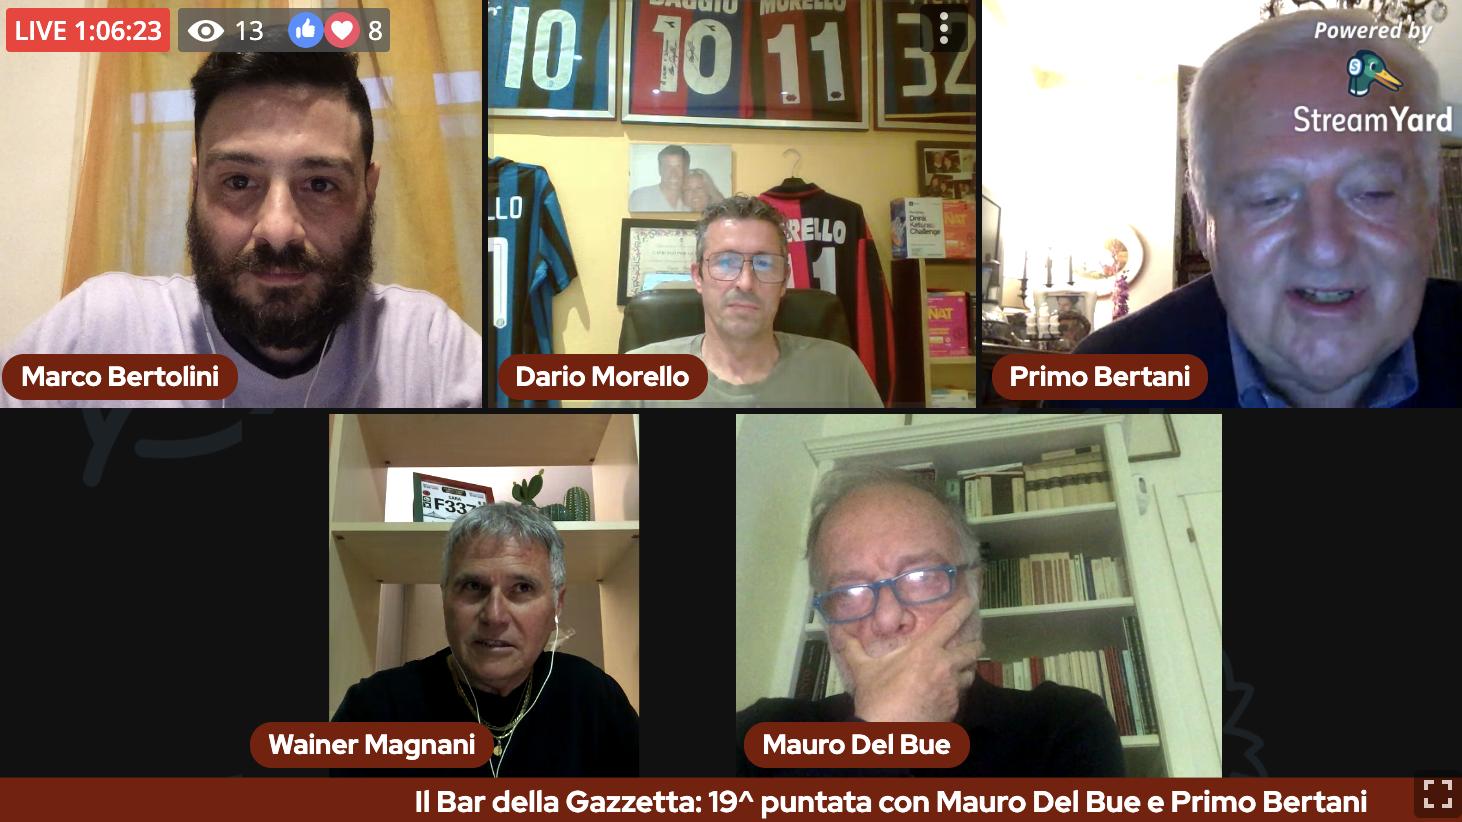 Il Bar della Gazzetta: 20^ puntata con Mauro Del Bue e Primo Bertani